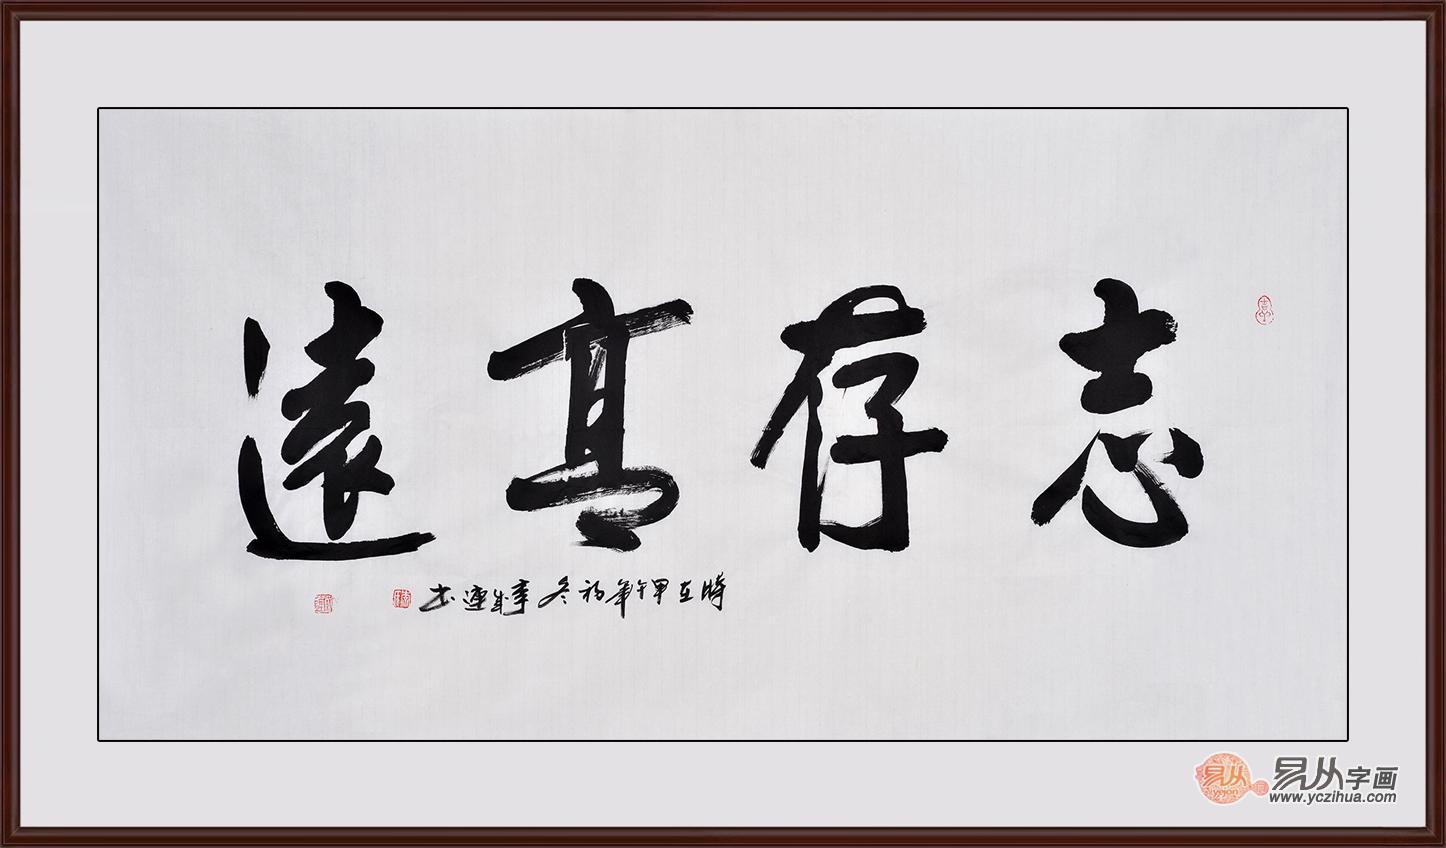 连四尺横幅精品书法《志存高远》(作品来源:易从字画)-书法绘画